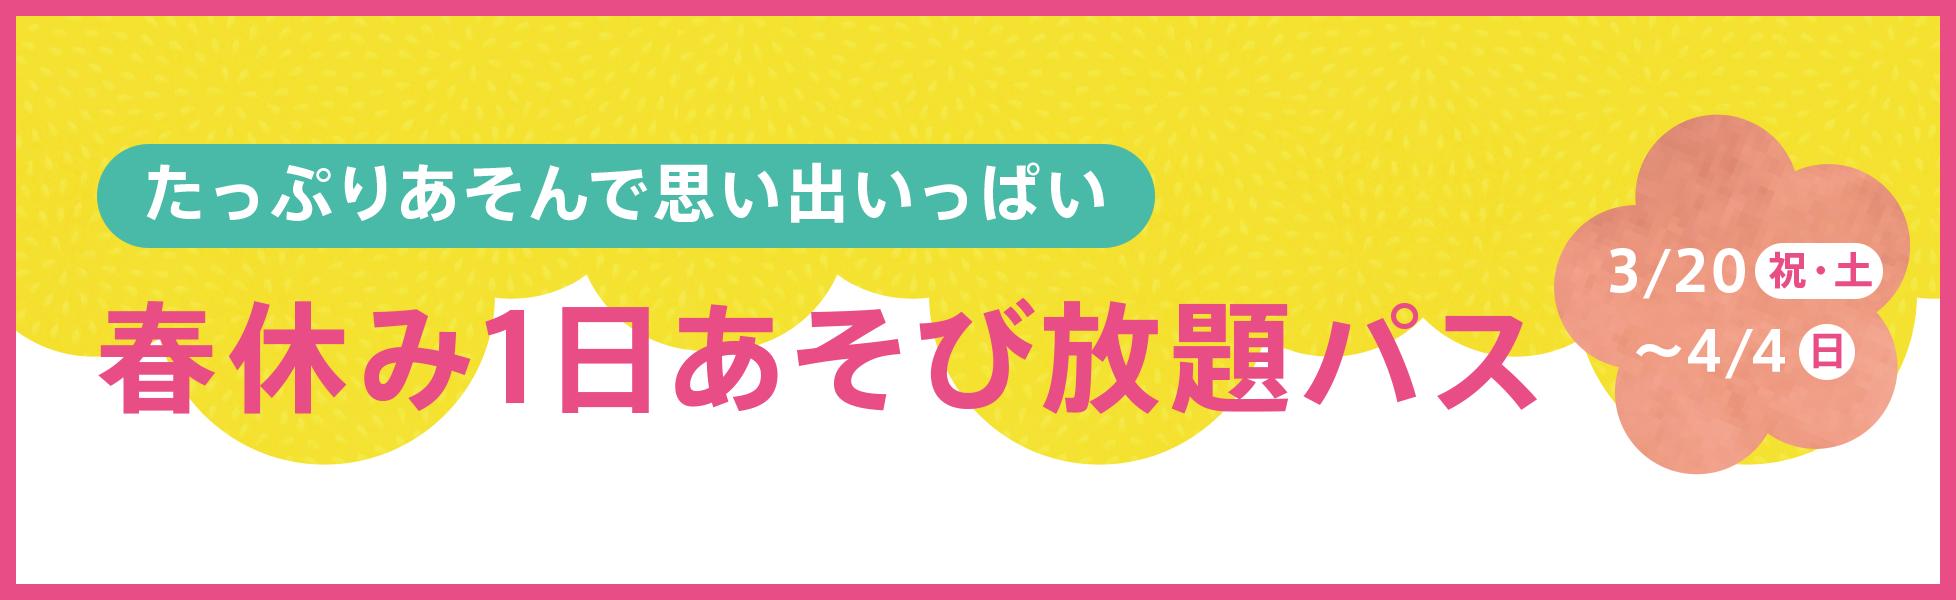 たっぷり遊んで思い出いっぱい!春休み1日あそび放題パス3/20祝・土~4/4日